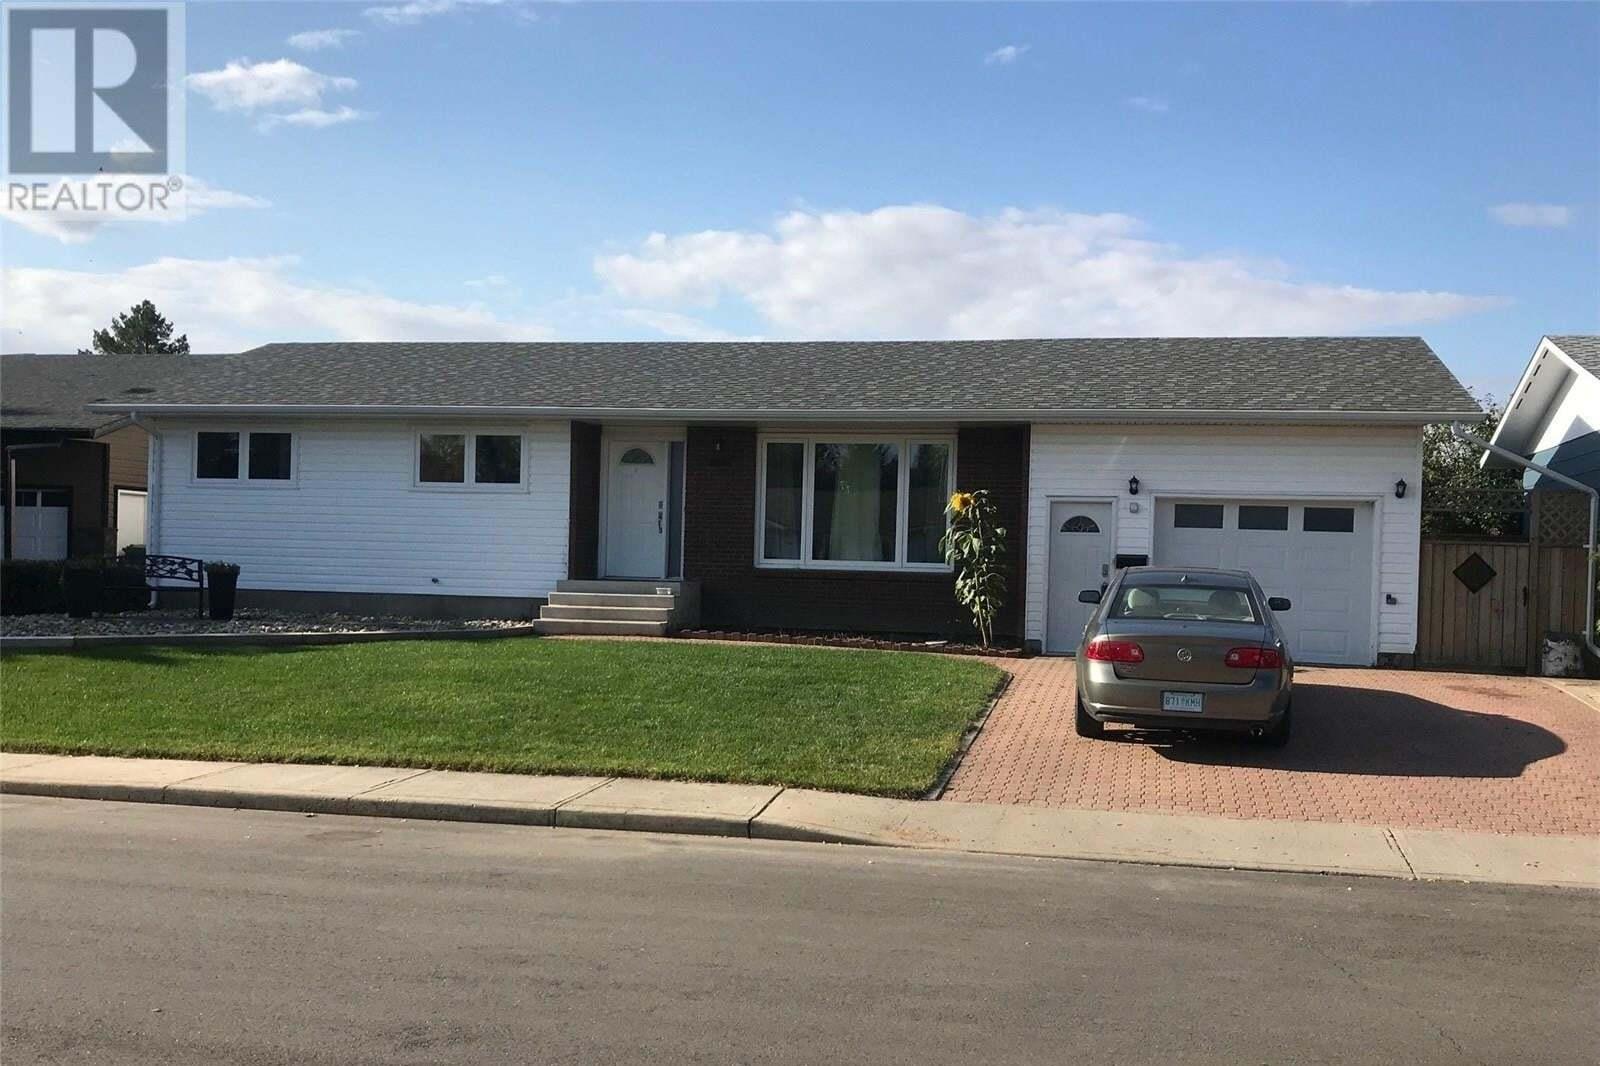 House for sale at 2028 Foley Dr North Battleford Saskatchewan - MLS: SK827738